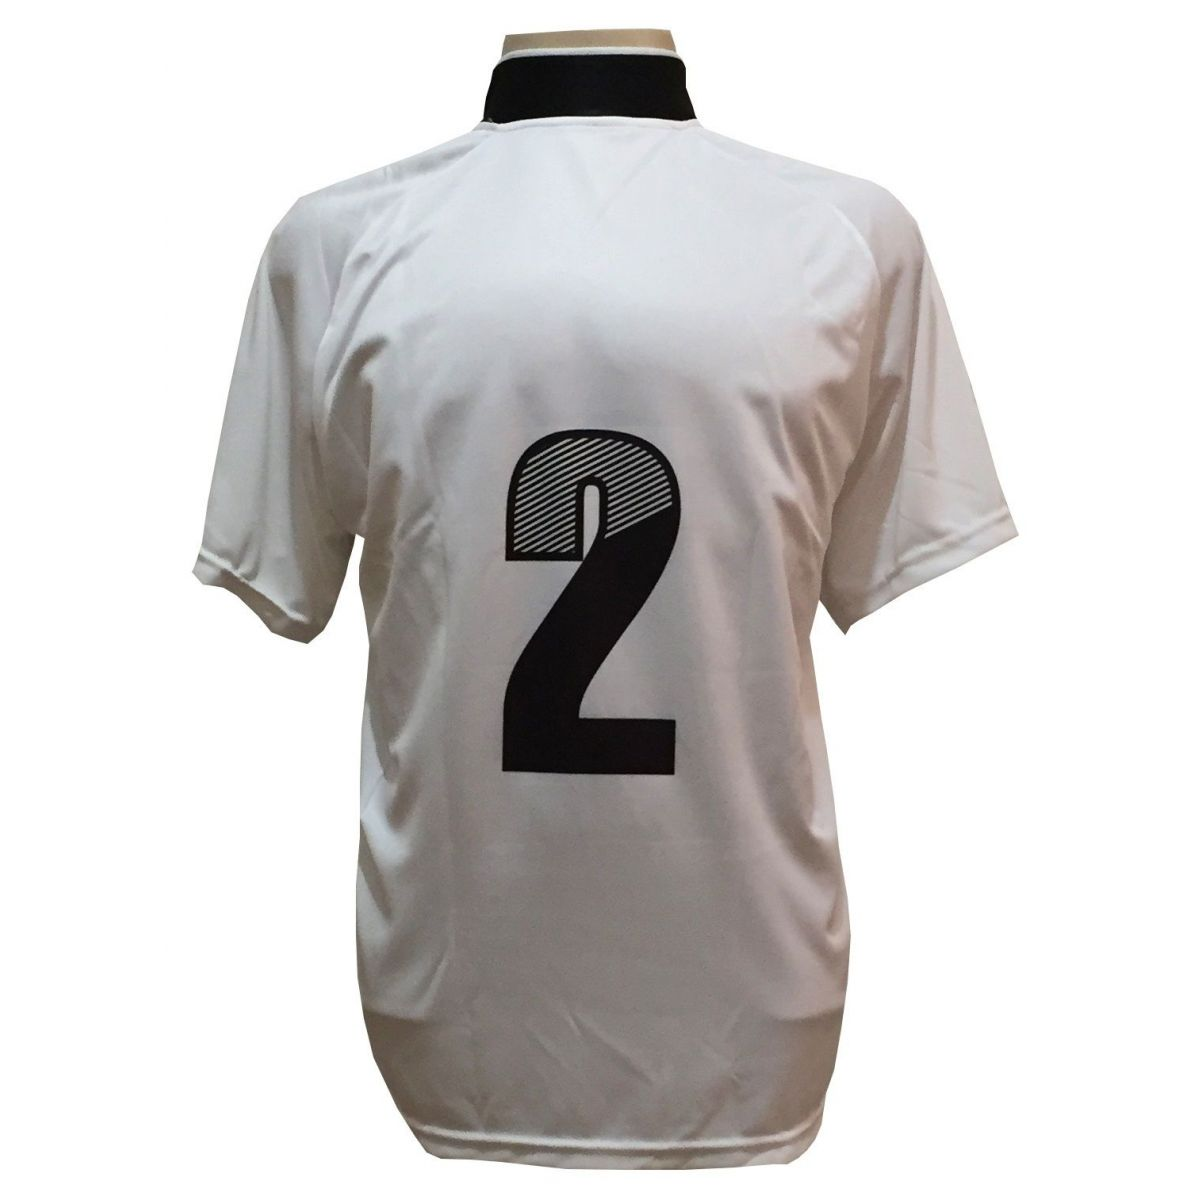 Jogo de Camisa com 18 unidades modelo Milan Branco/Preto + 1 Goleiro + Brindes